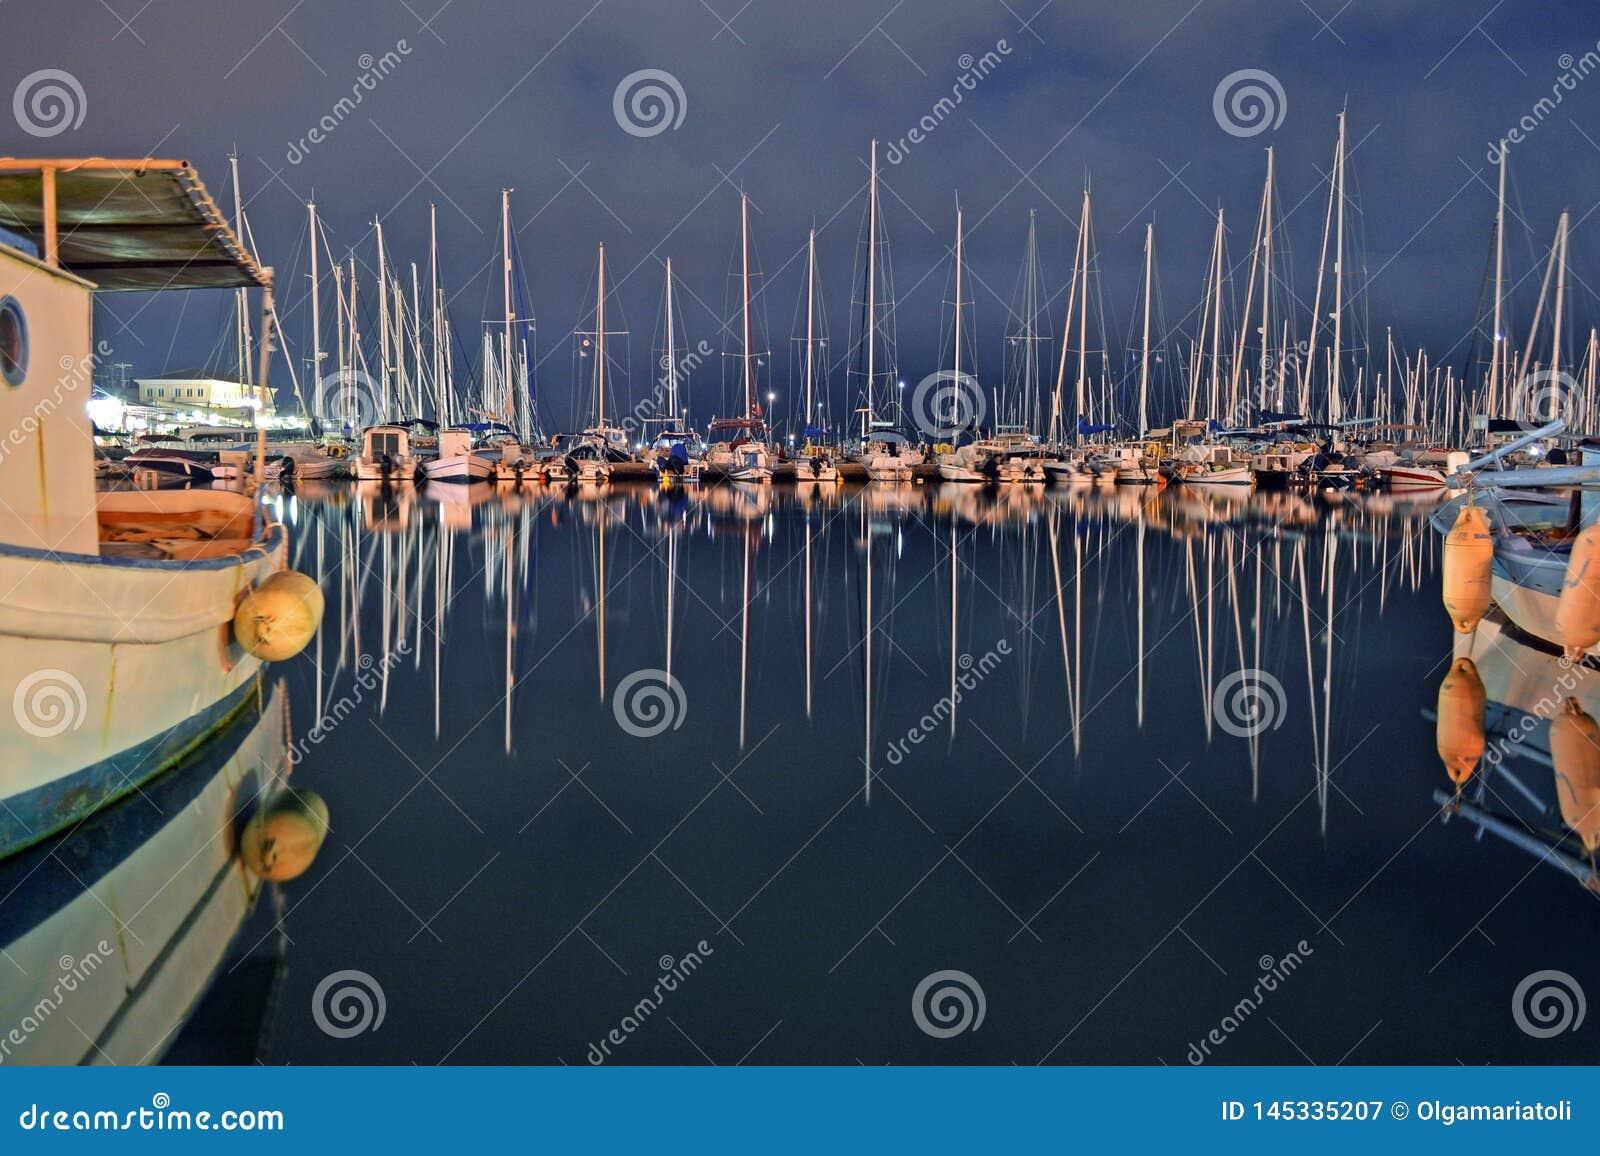 Reflexion von Segelbooten in Lefkas Hafen